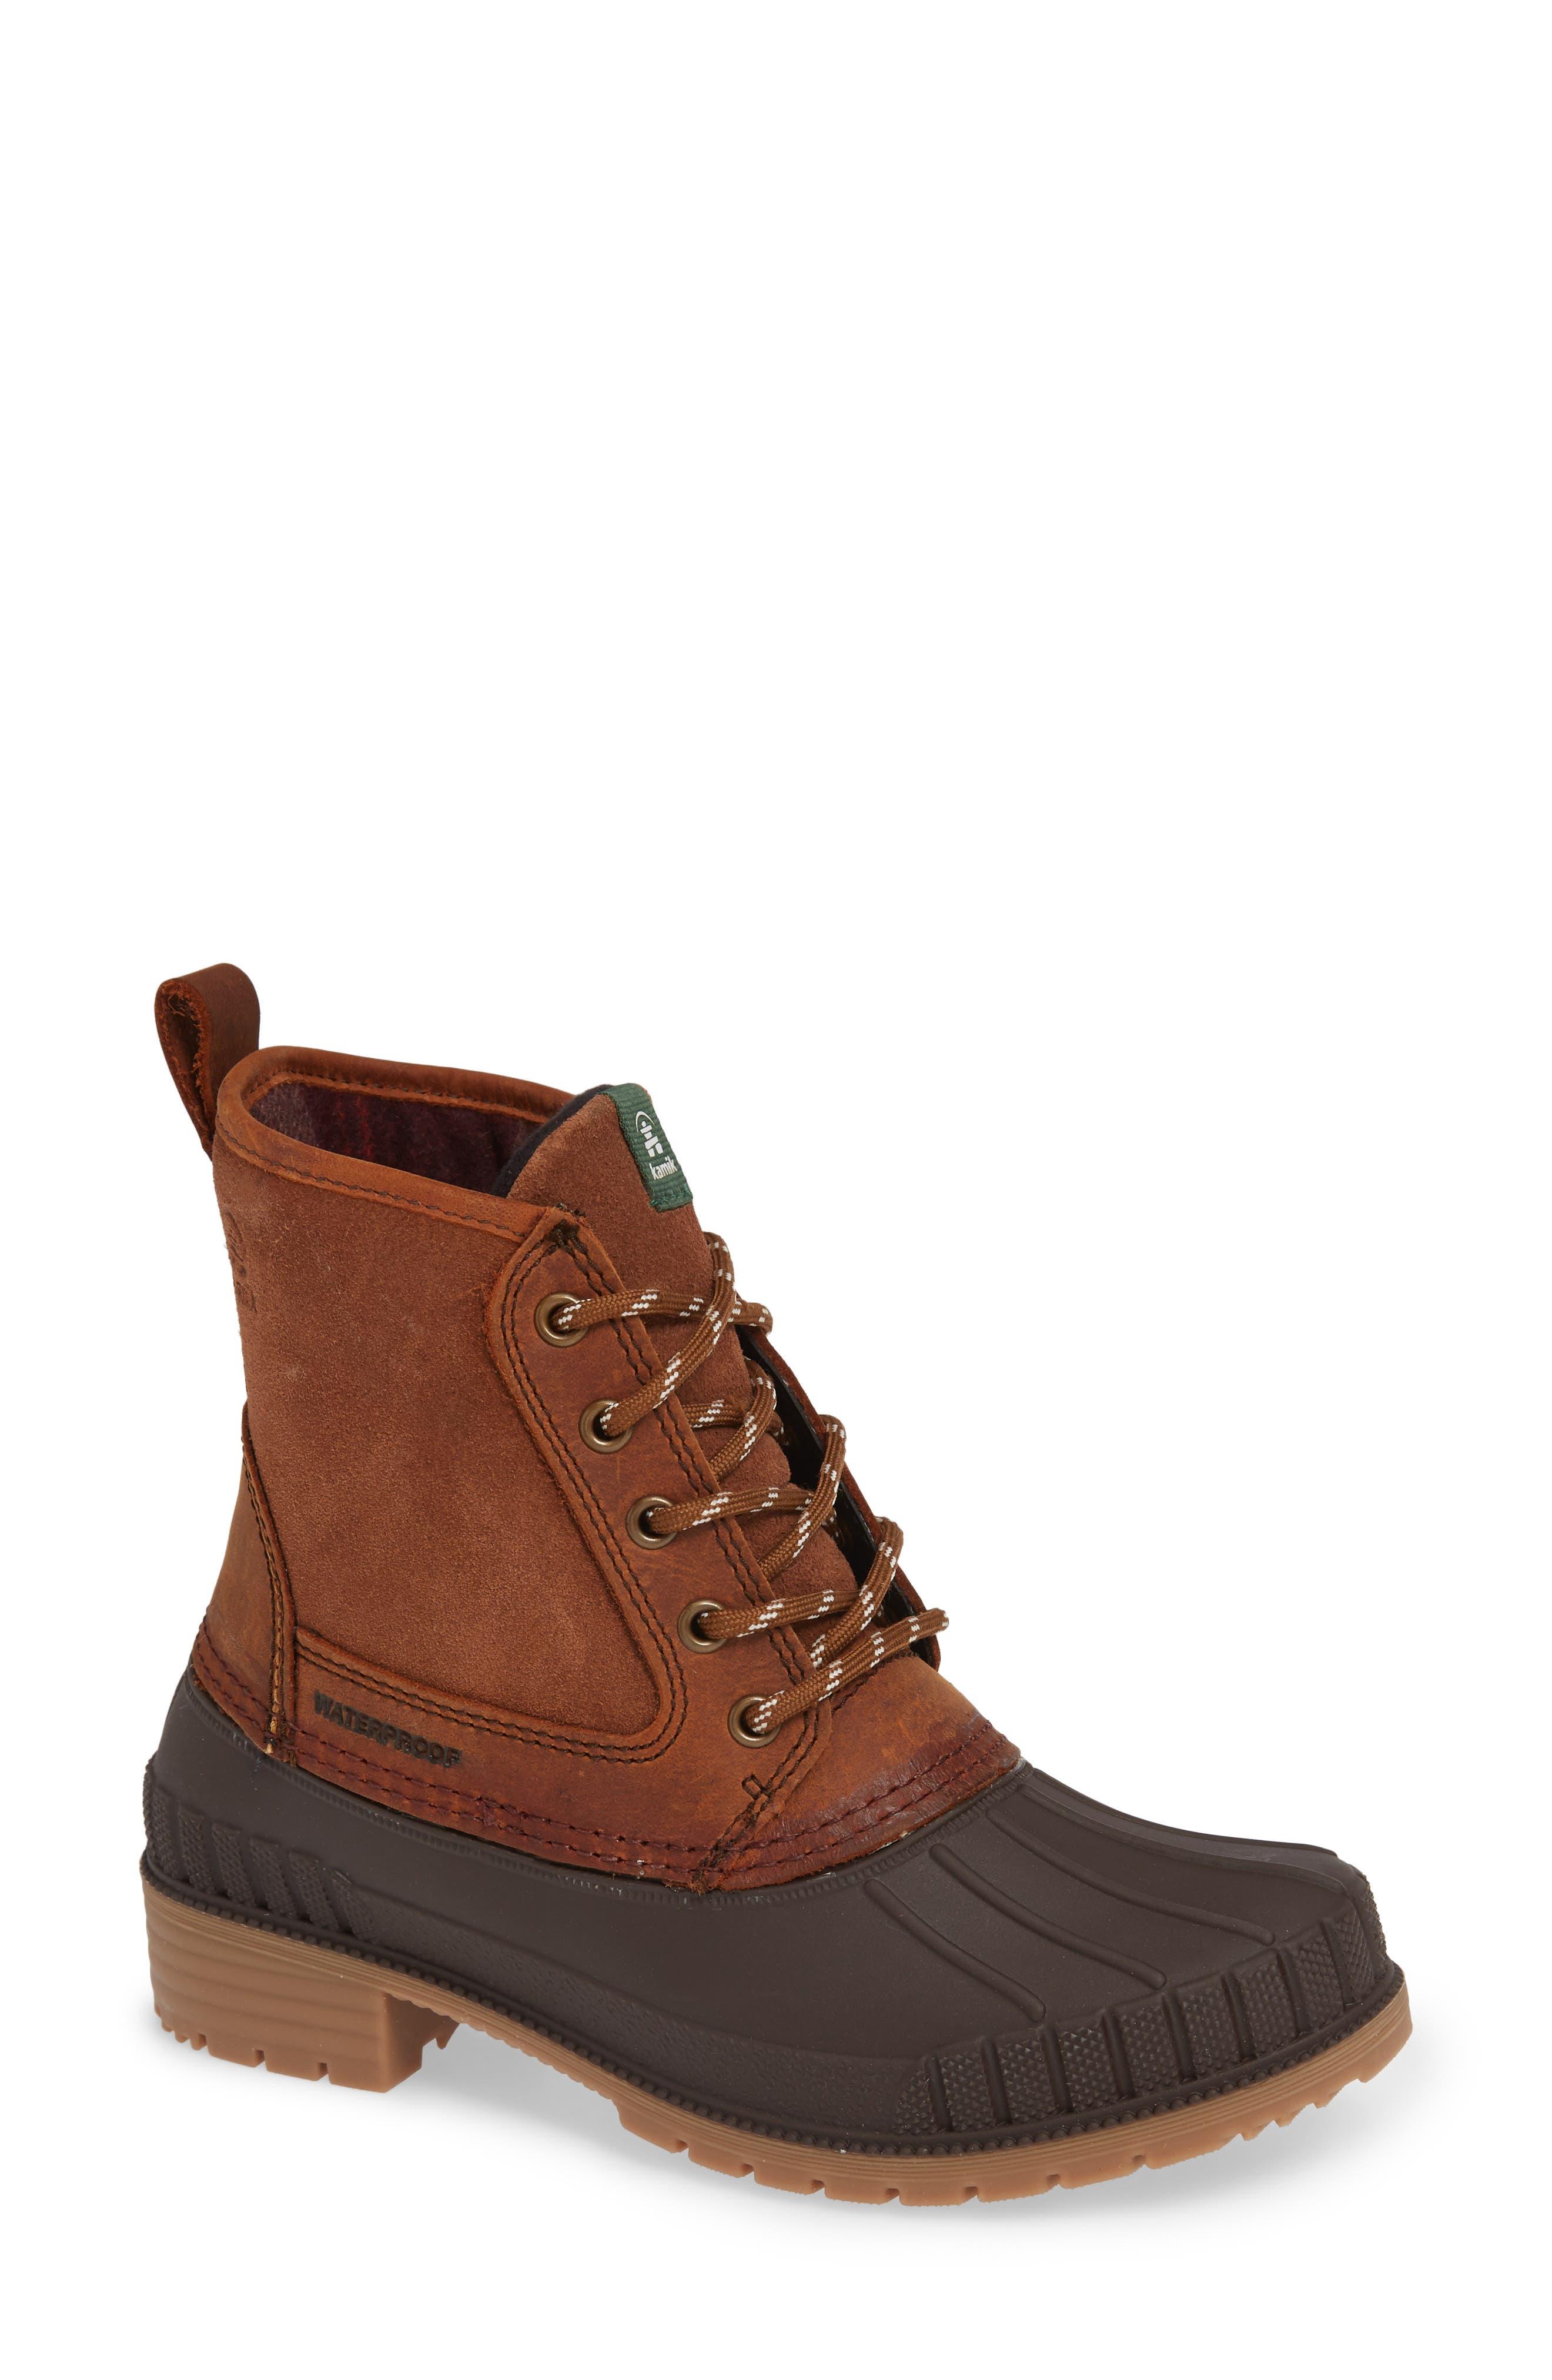 Kamik Sienna Waterproof Duck Boot, Brown